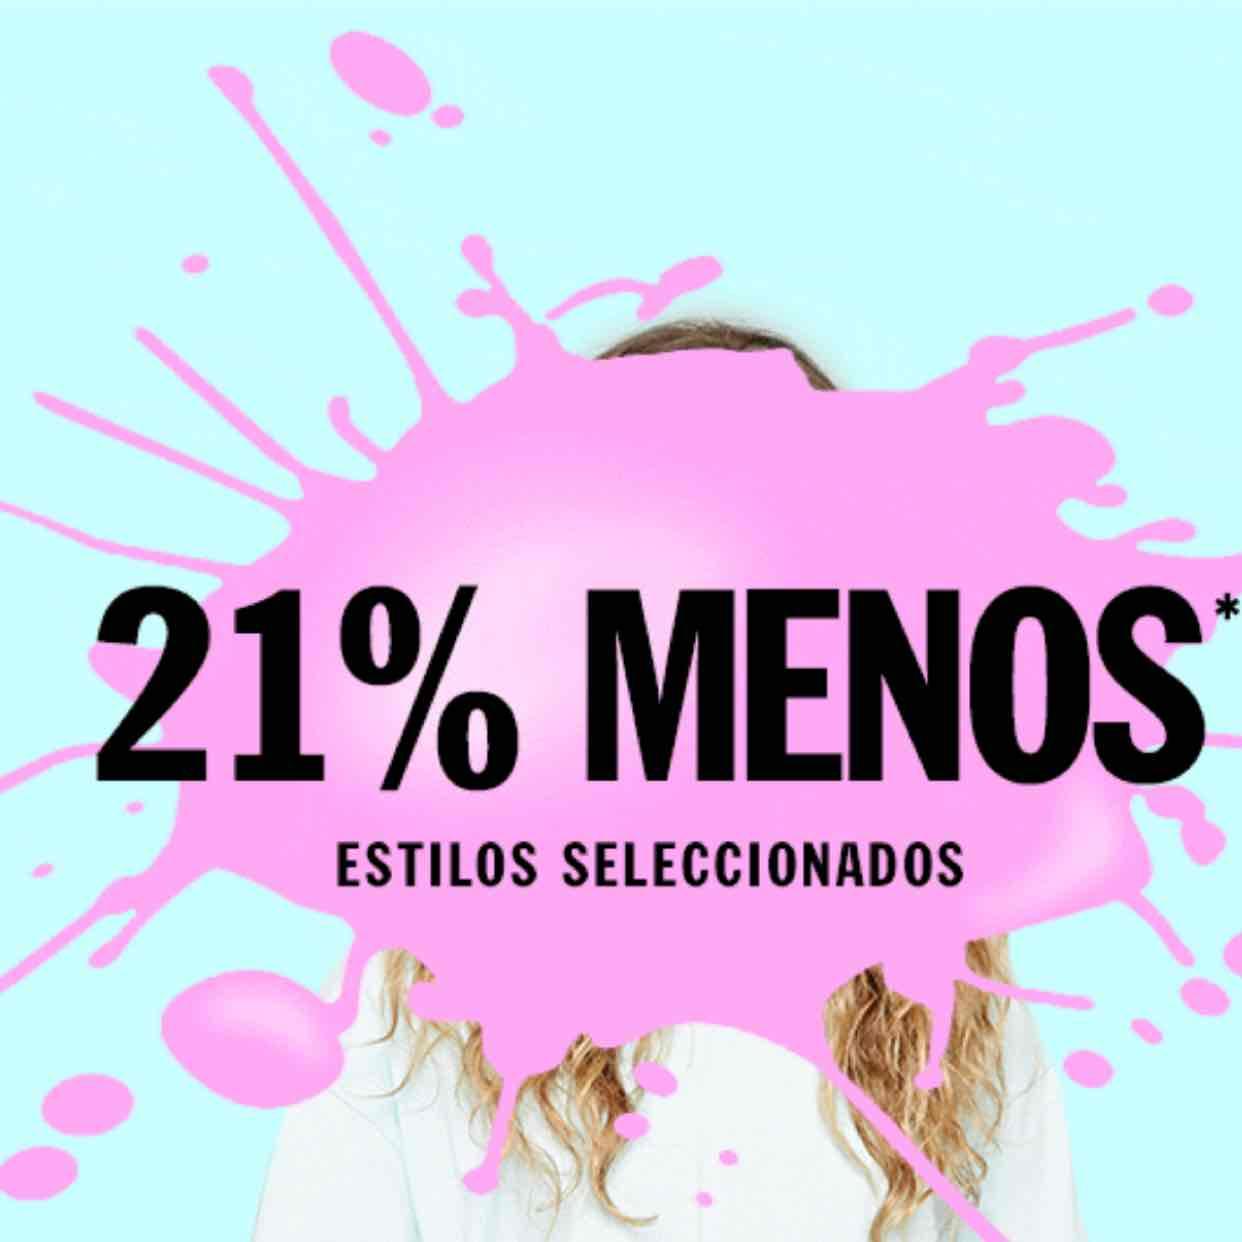 Forever 21: 21% menos en estilos seleccionados